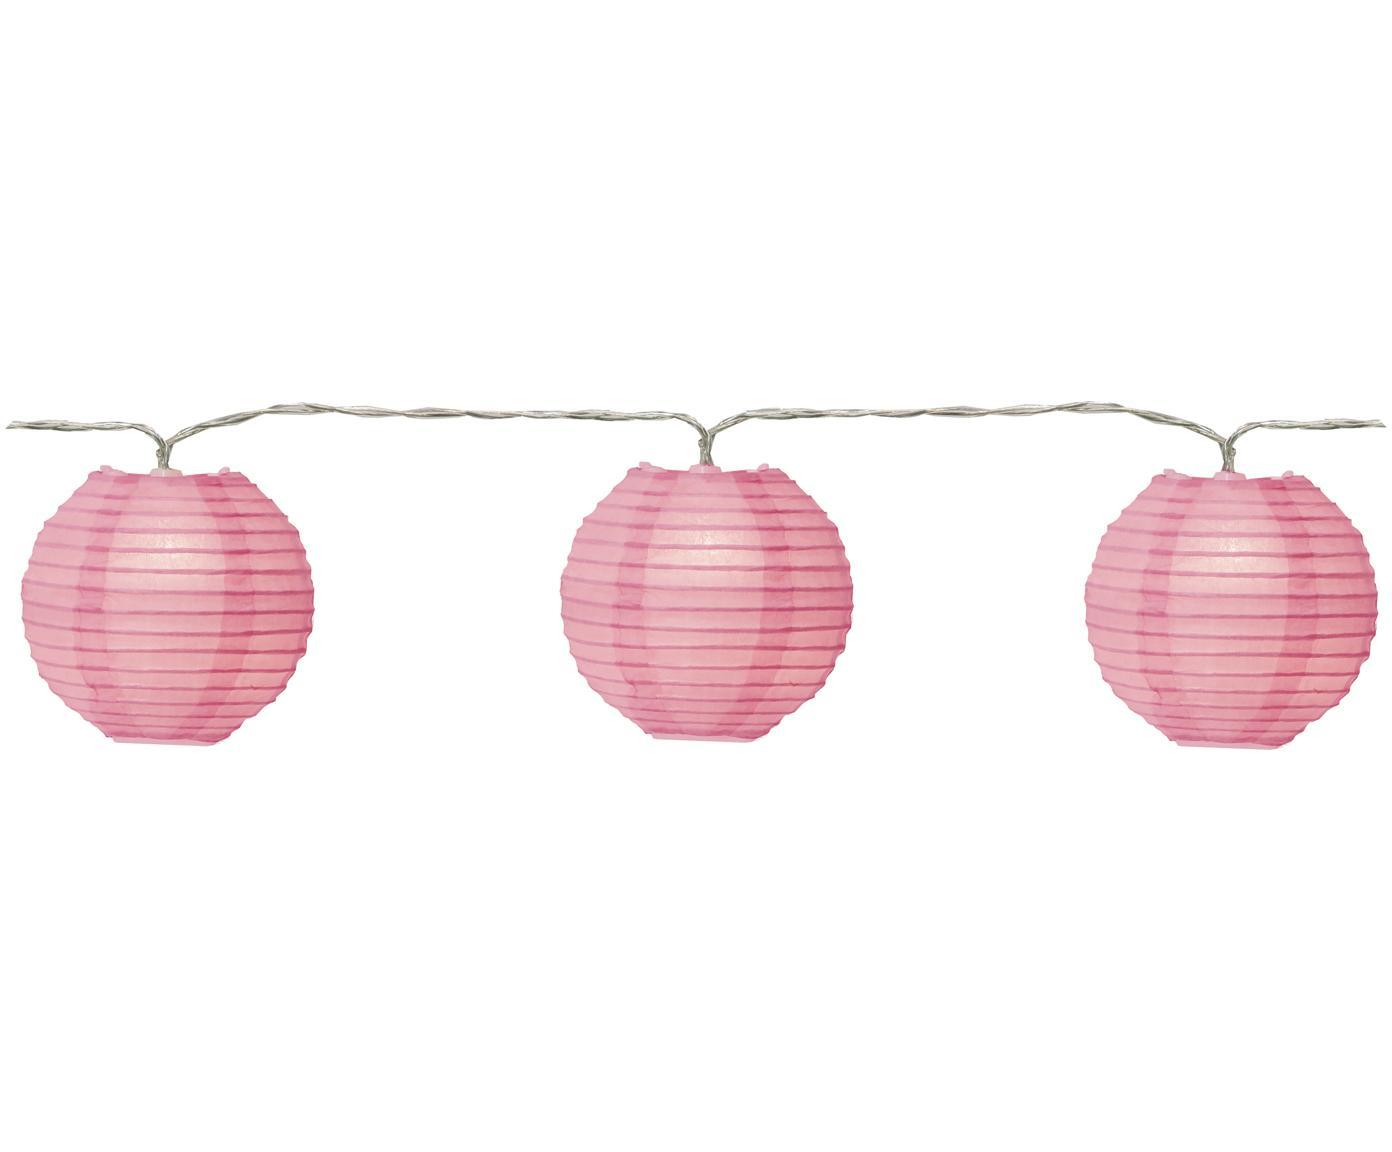 LED Lichterkette Festival, 300 cm, Lampions: Papier, Rosa, L 300 cm